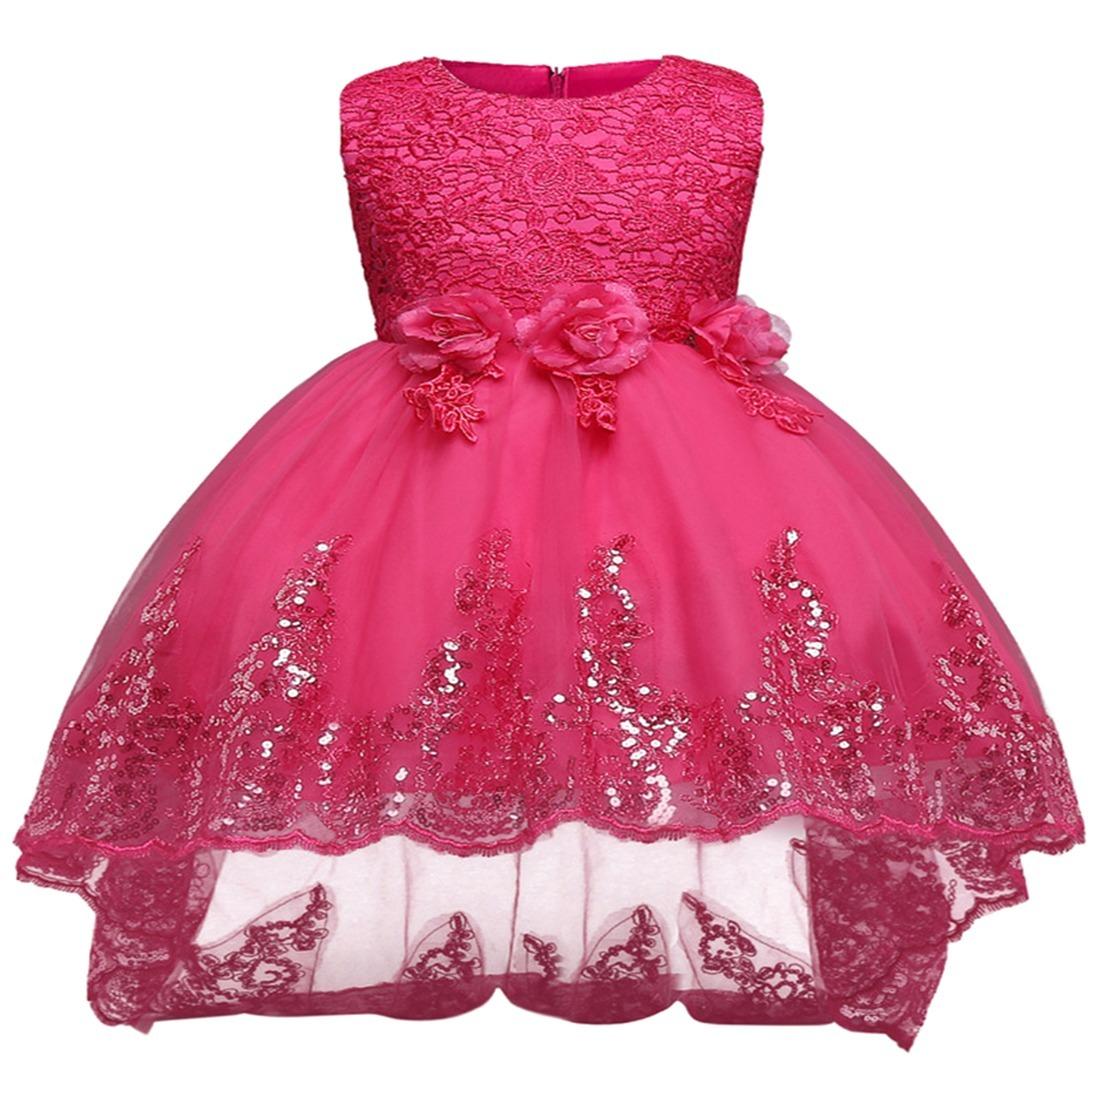 Perfecto Vestidos De Dama De Roble Cubierto De Musgo Imagen ...